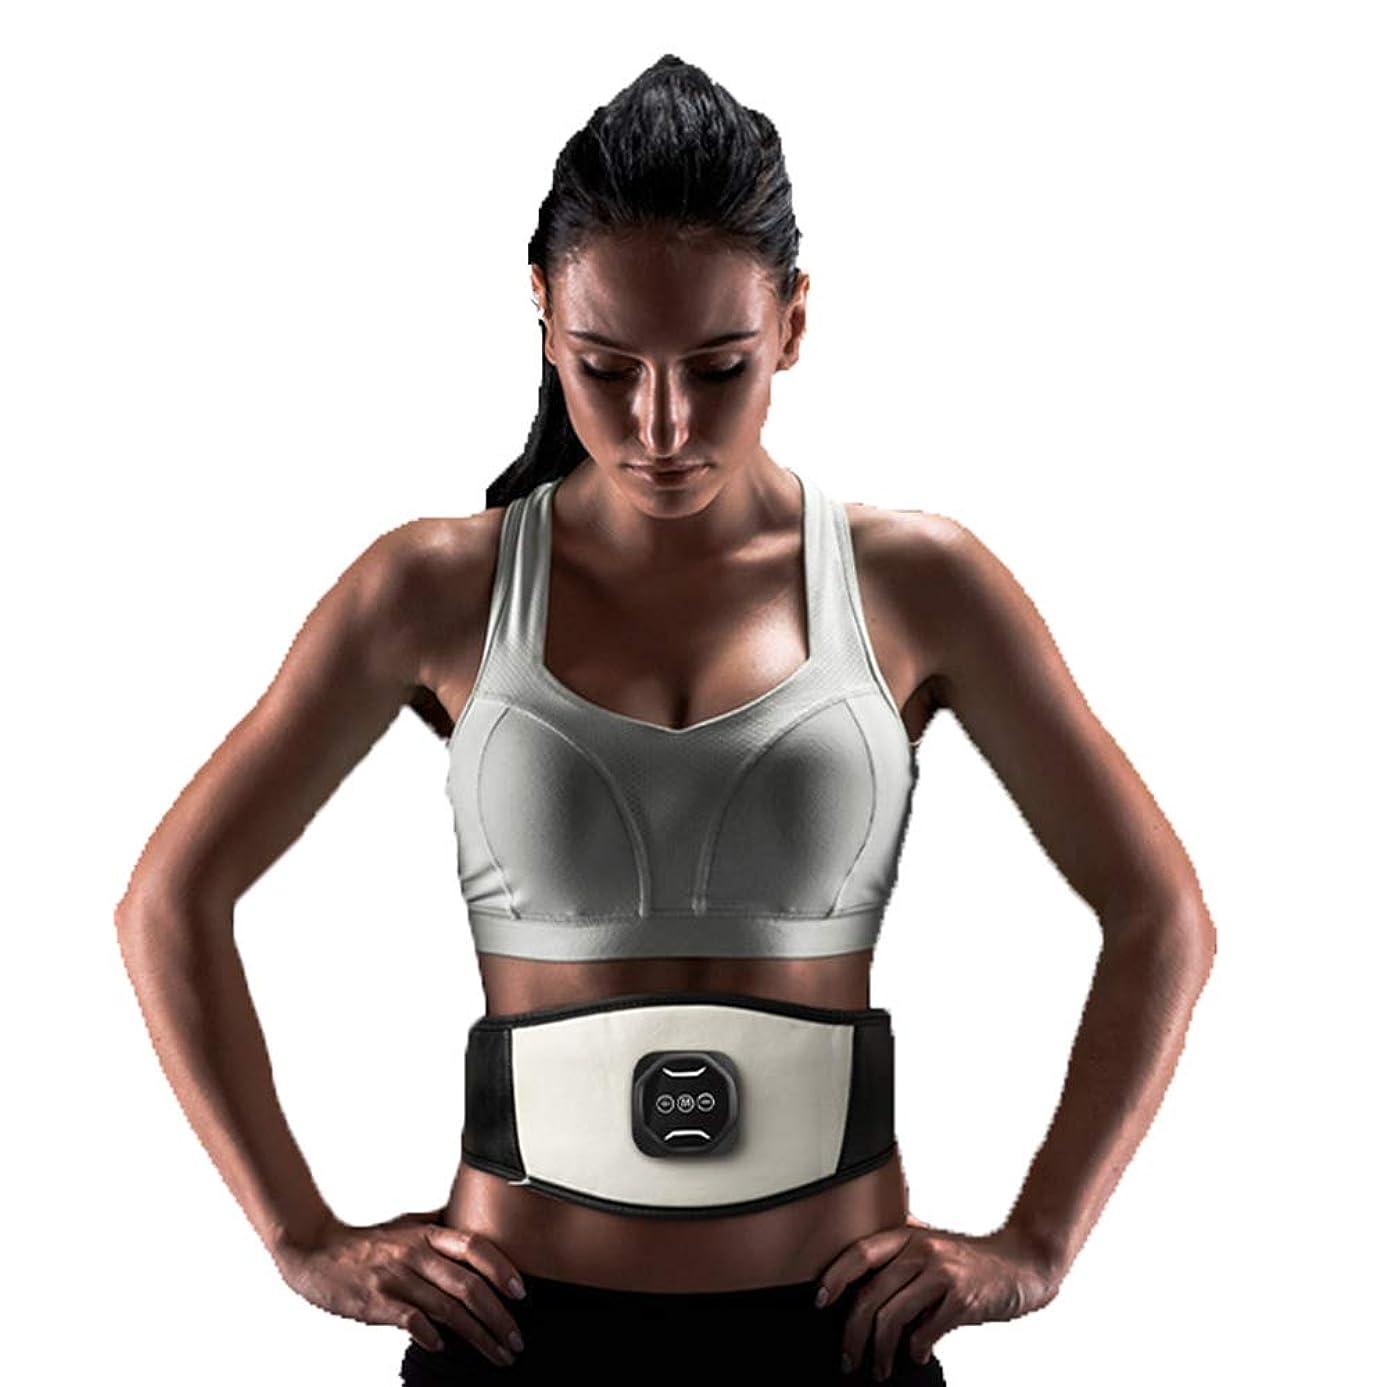 健康的バンケット奨励しますスマートワイヤレス腹筋ペーストEMS筋肉刺激装置薄い腹部腹部マシンUSB電気ベルト腹部機器全身体重減少運動フィットネス機器ユニセックス